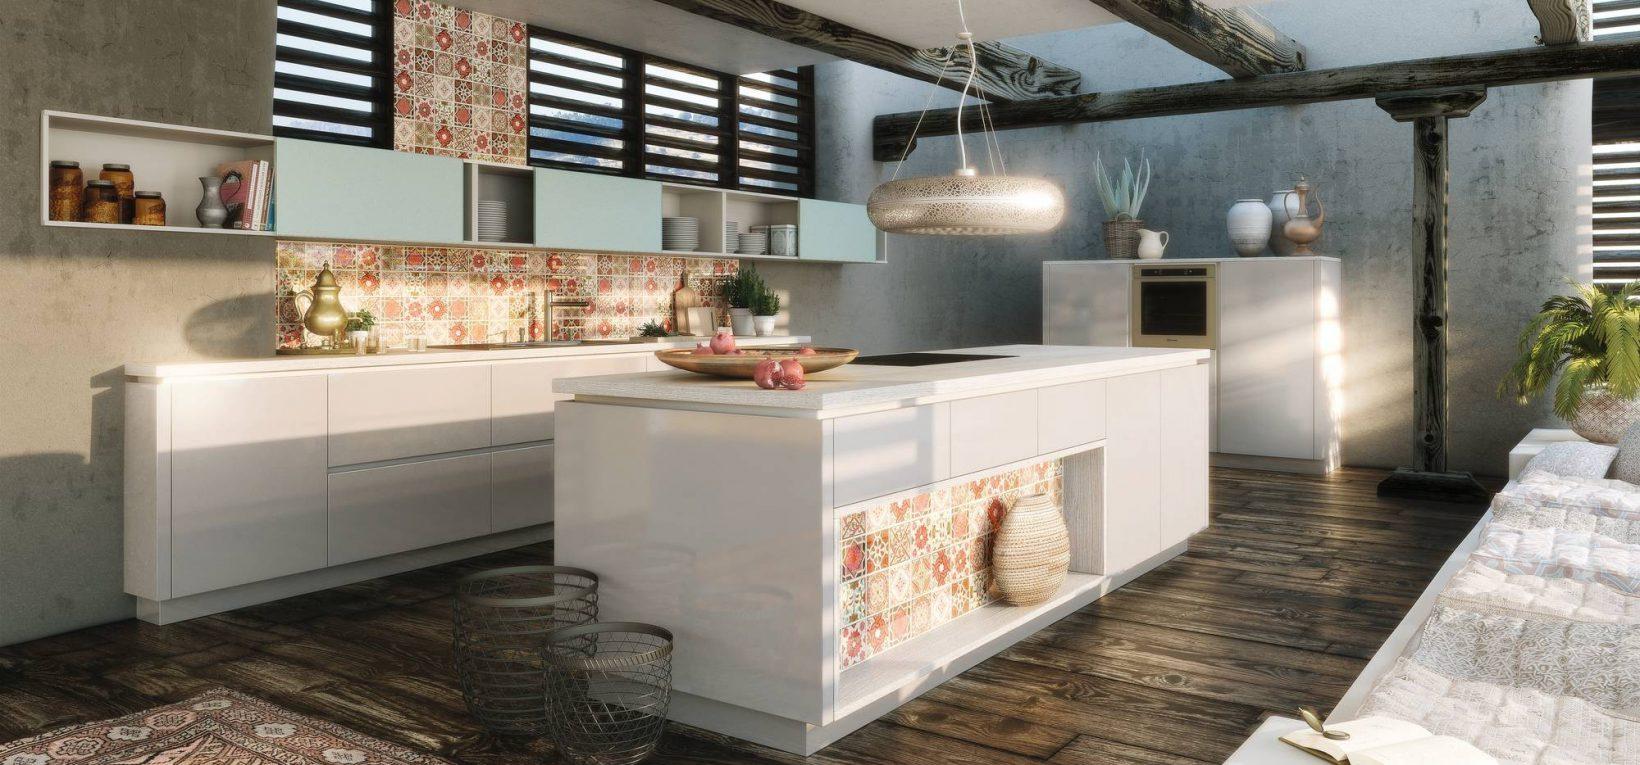 Full Size of Alno Küchen Regal Küche Wohnzimmer Alno Küchen